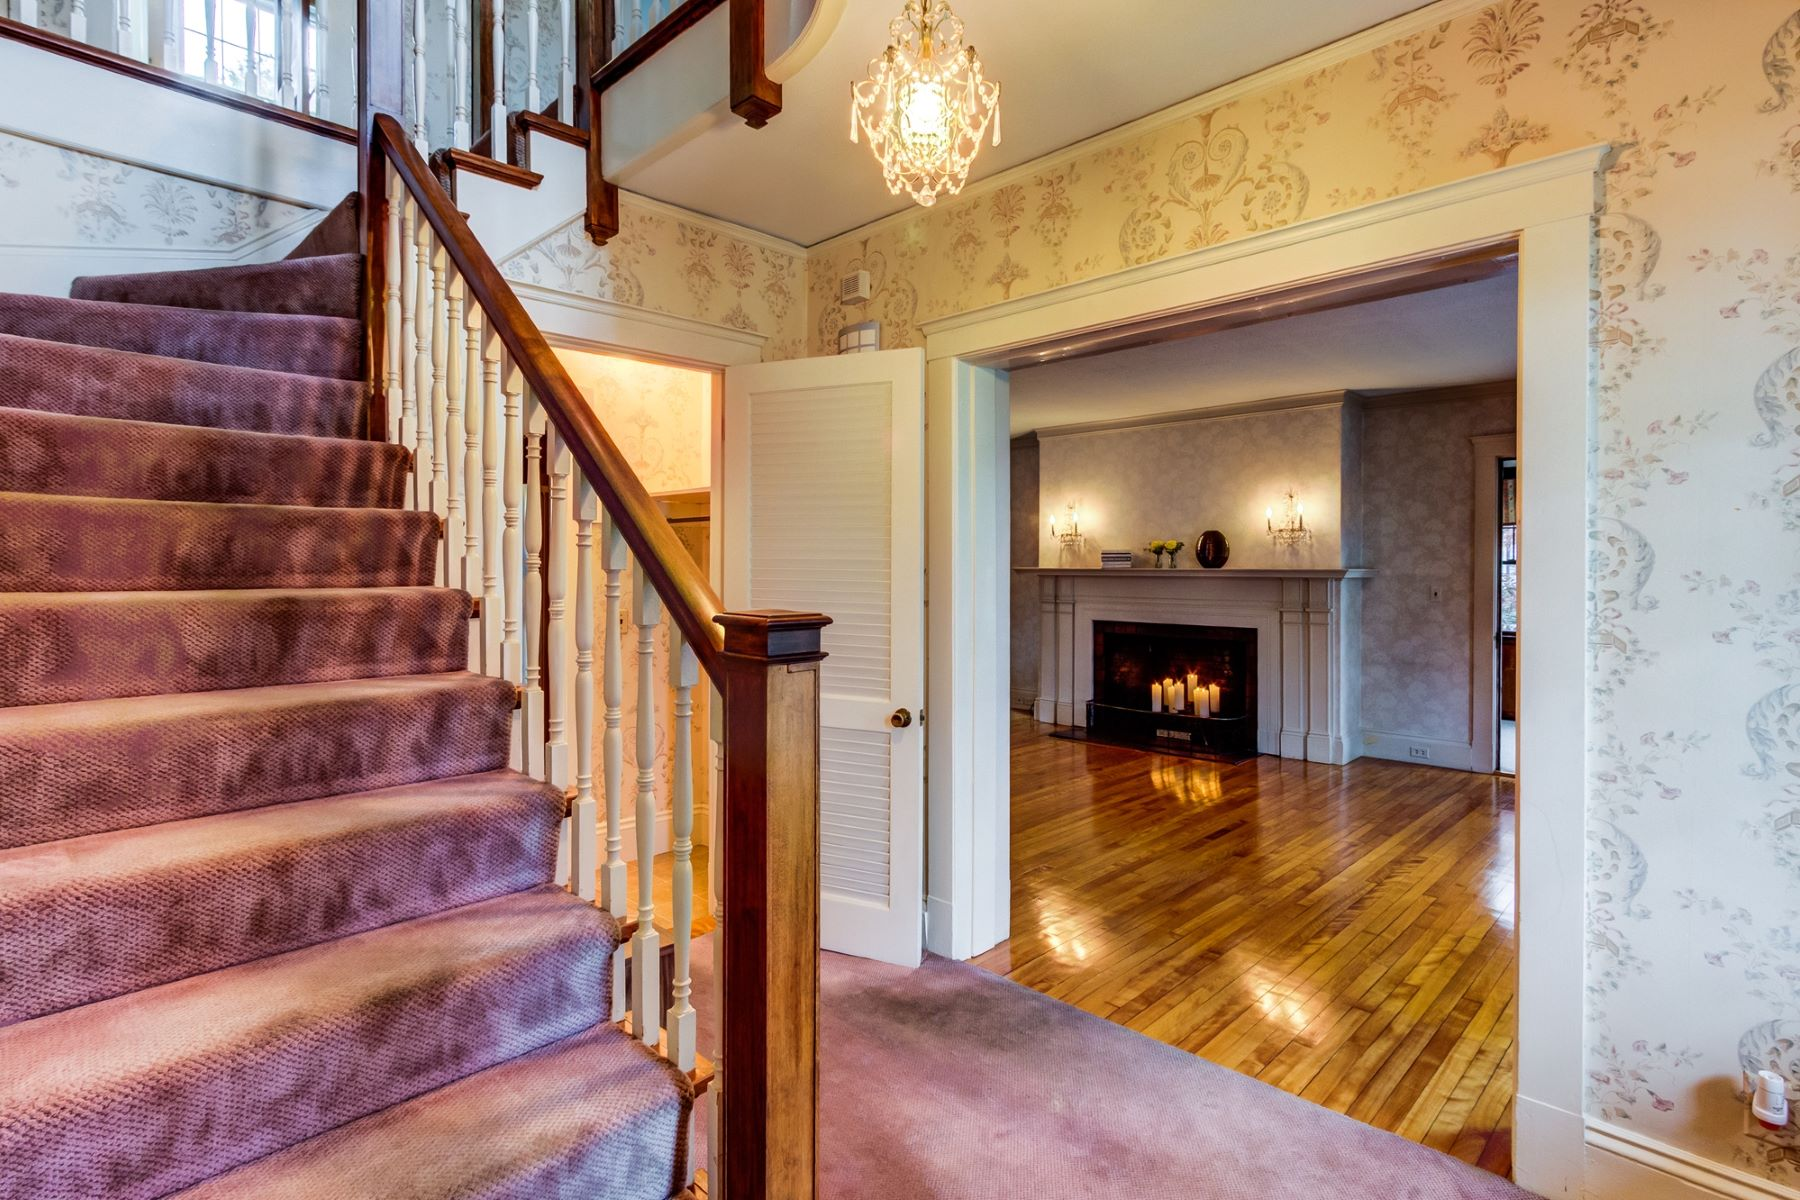 Частный односемейный дом для того Продажа на Charming Gambrel Home 73 Congress Street, Milford, Массачусетс, 01757 Соединенные Штаты